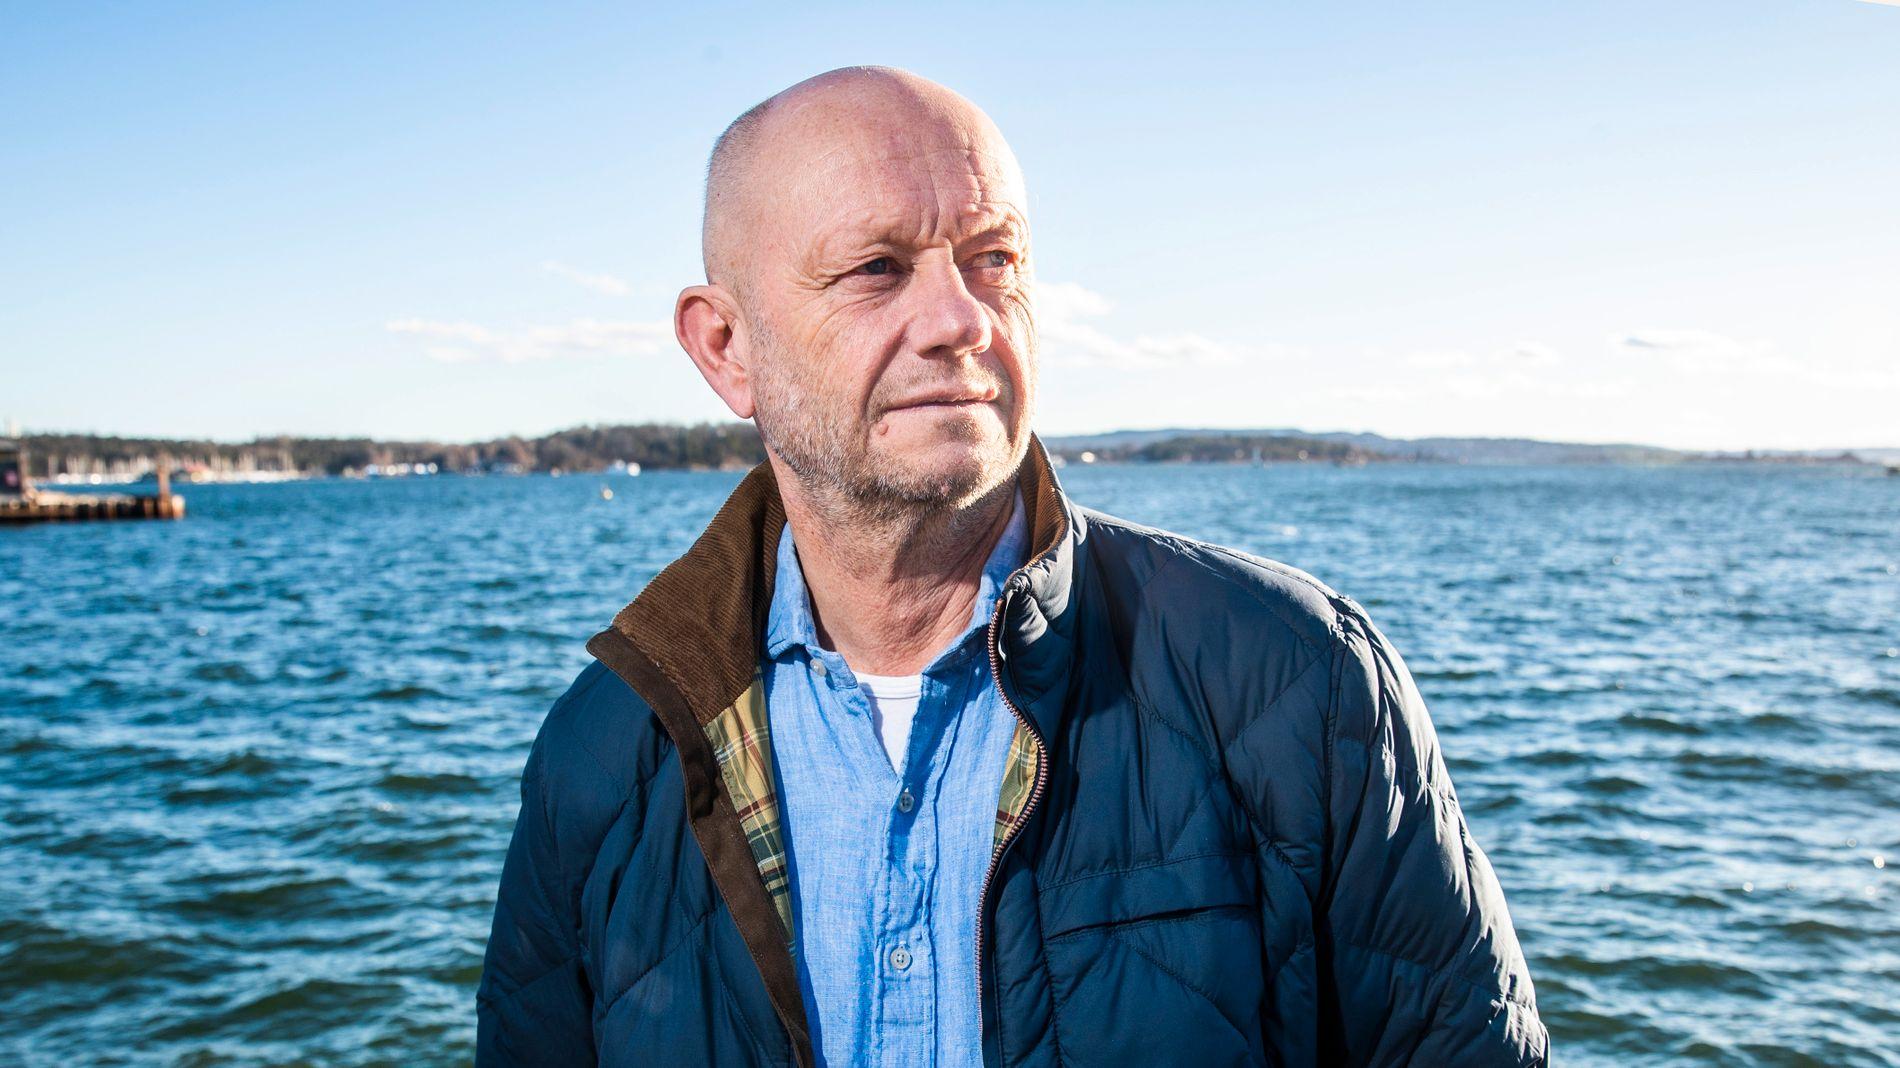 JAZZ-GASS: Stein Lier-Hansen er i Molde denne uken, blant annen for å delta på en jazz-gass rundebordskonferanse om industri og miljø, med blant andre statsminister Erna Solberg.